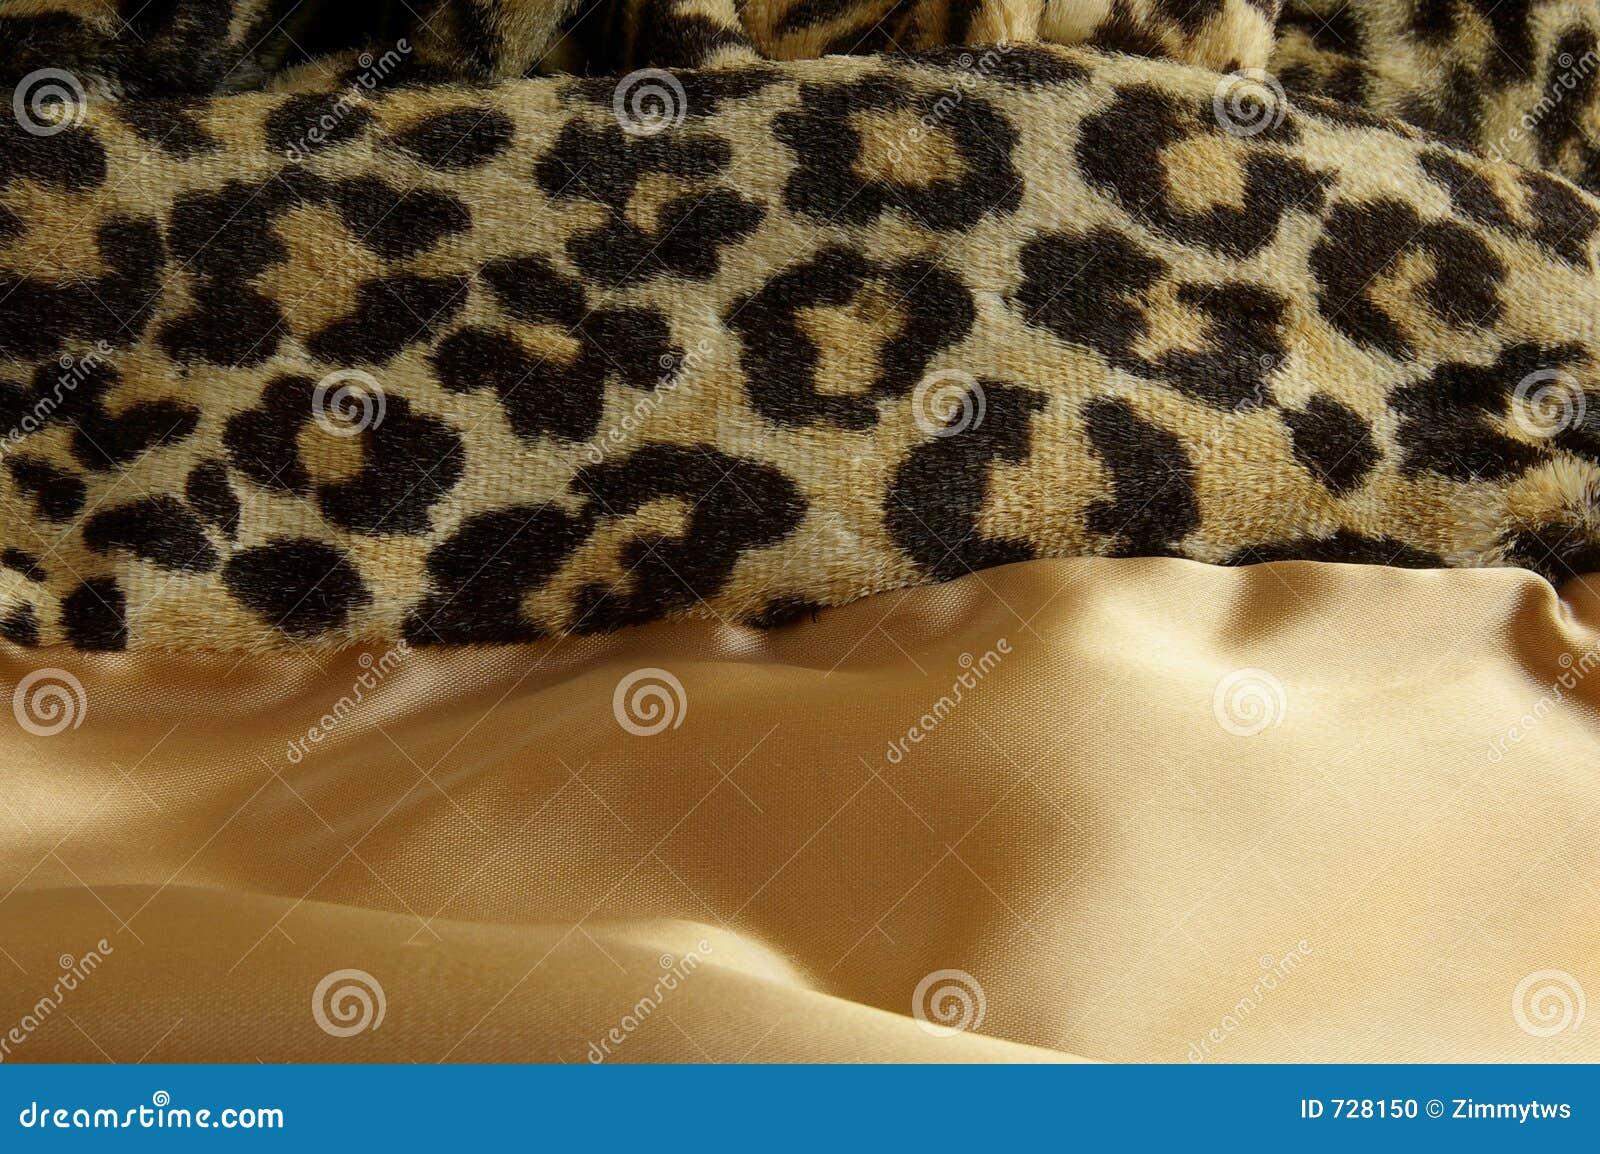 Impression de léopard